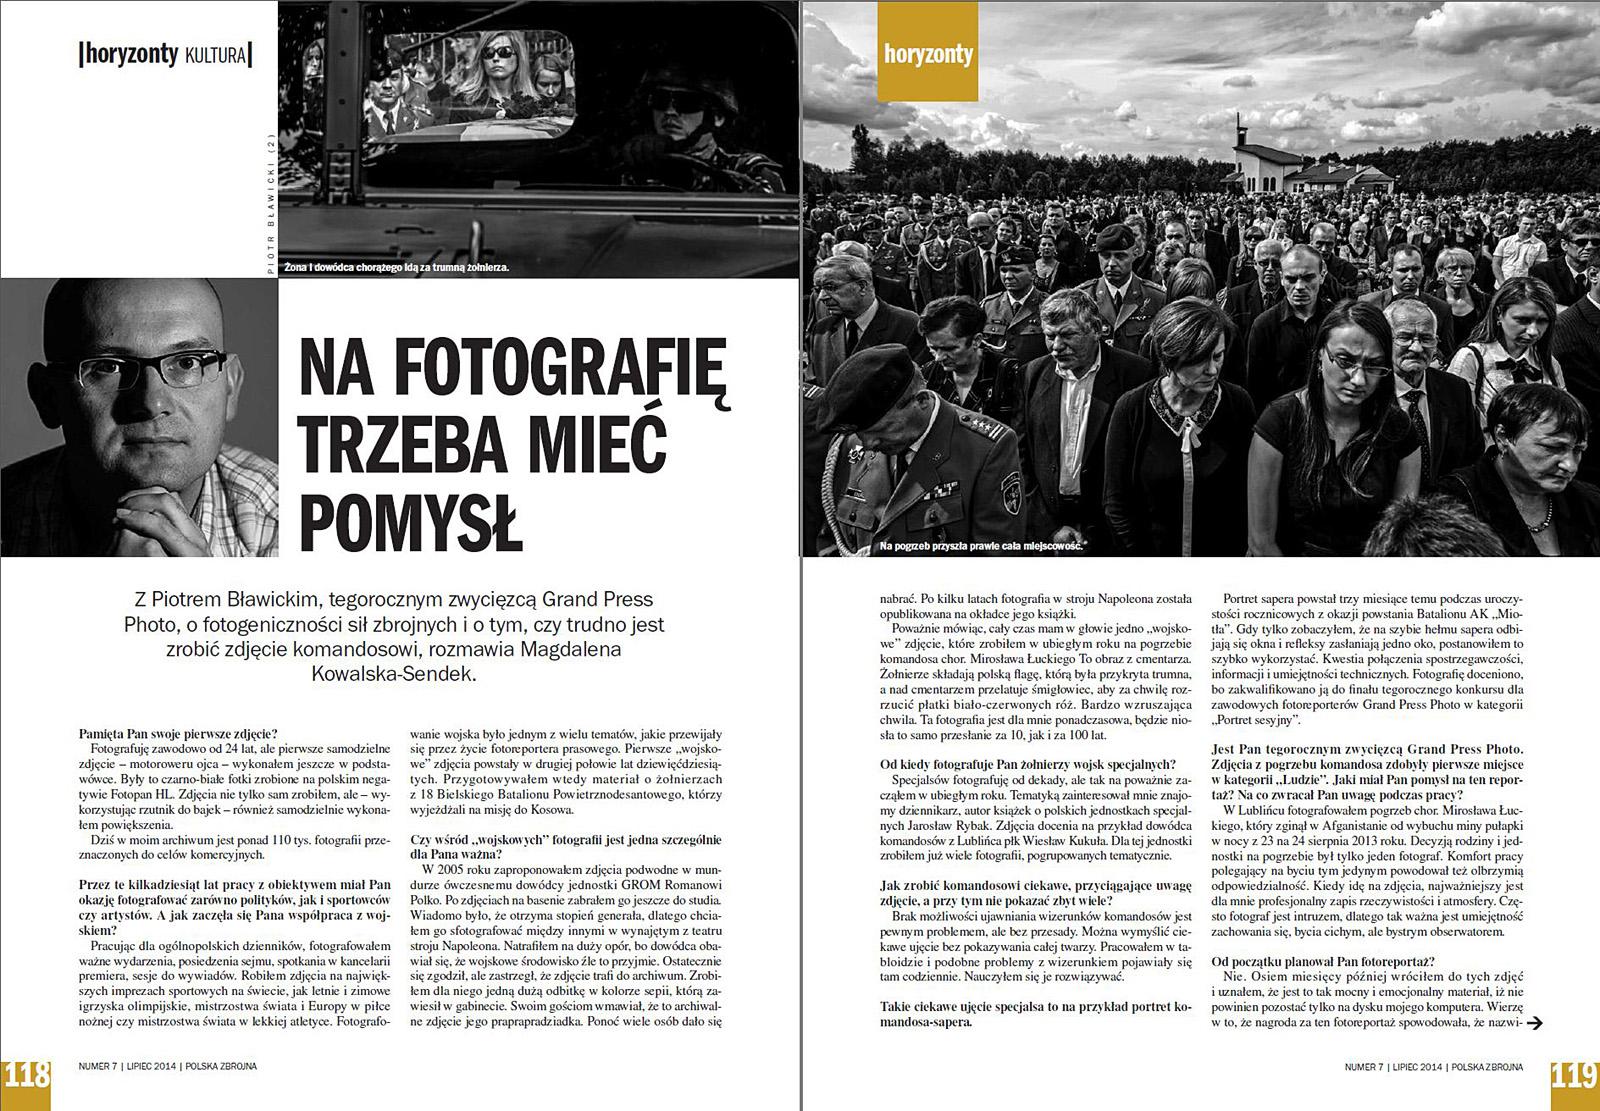 polska-zbrojna-wywiad-fotoblog-foto-blog-fotografia-prasowa-01